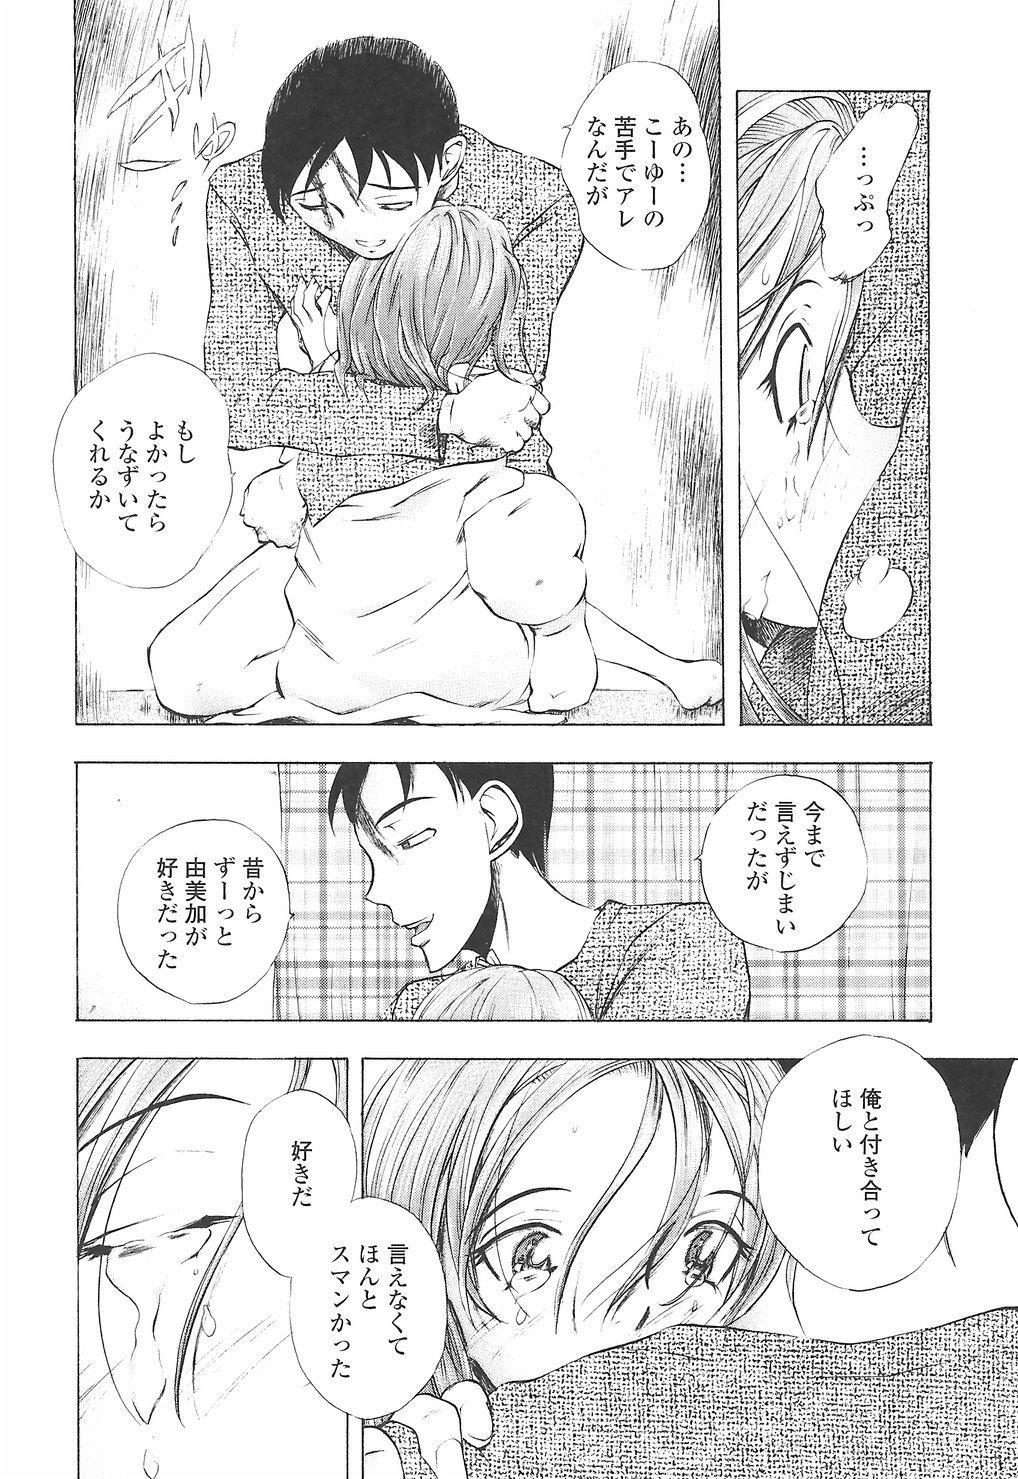 [Yuuki Tsumugi] Oshiete Ane-Tea - Teach me! my sister teacher. 157